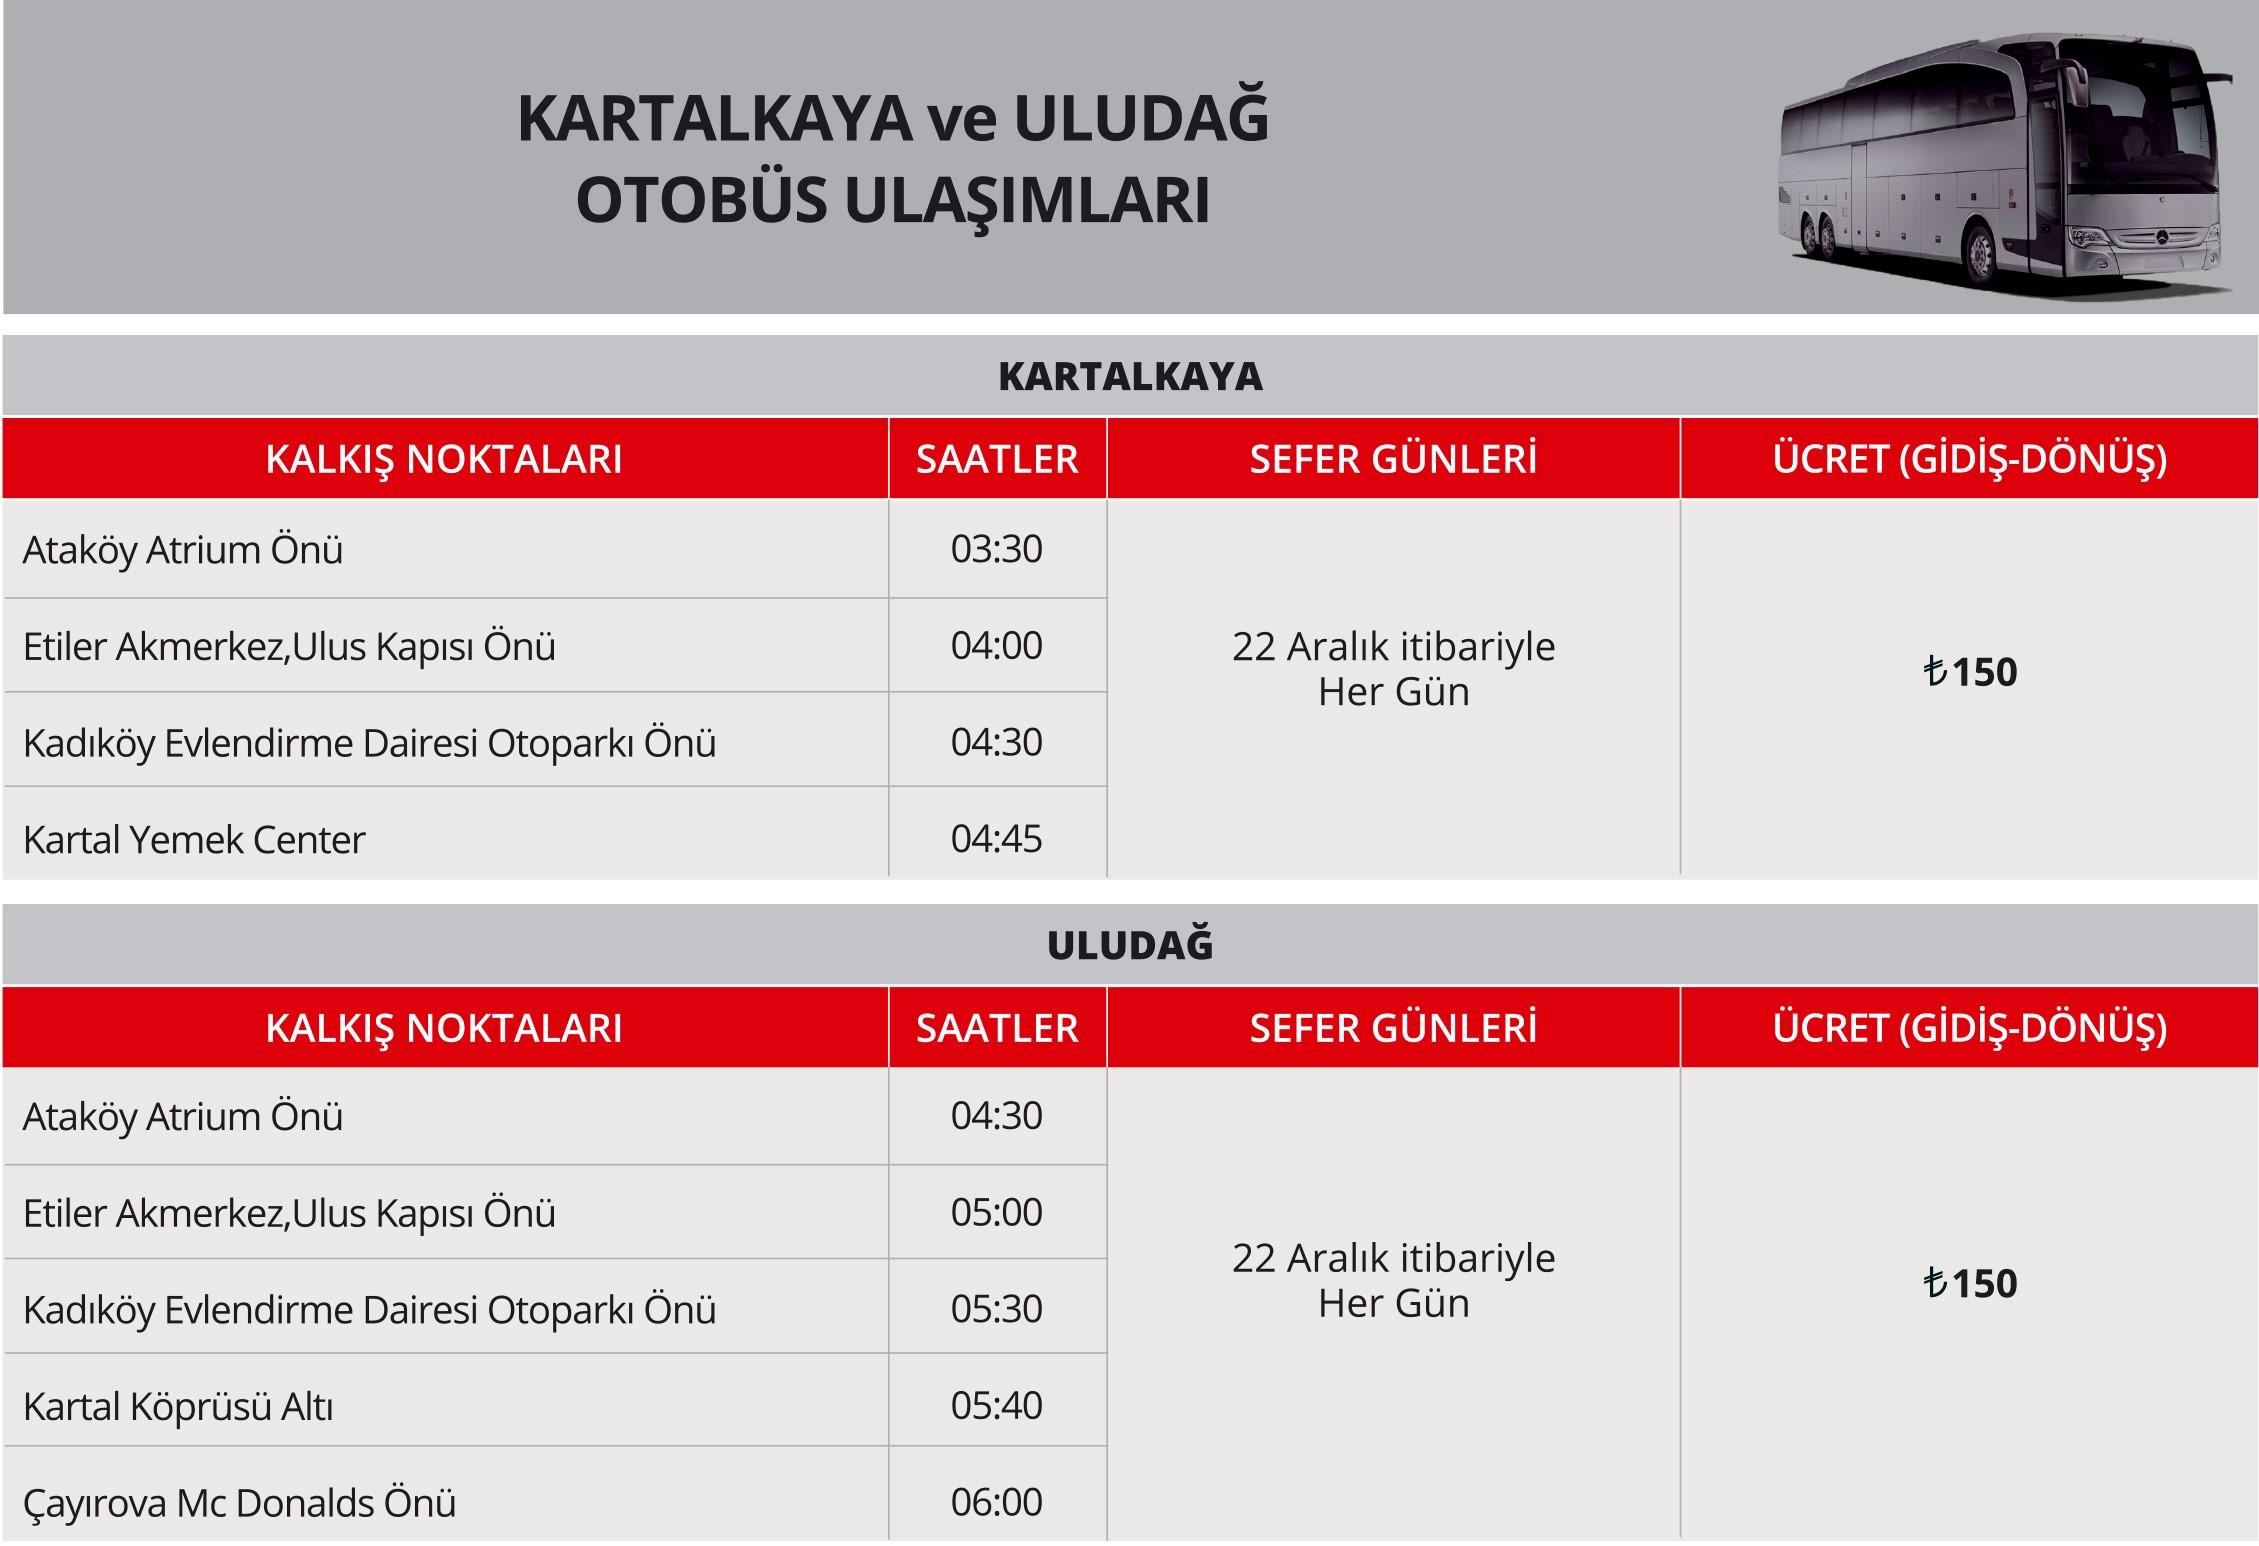 Afyon ve Kartalkaya Otobüs Ulaşımı